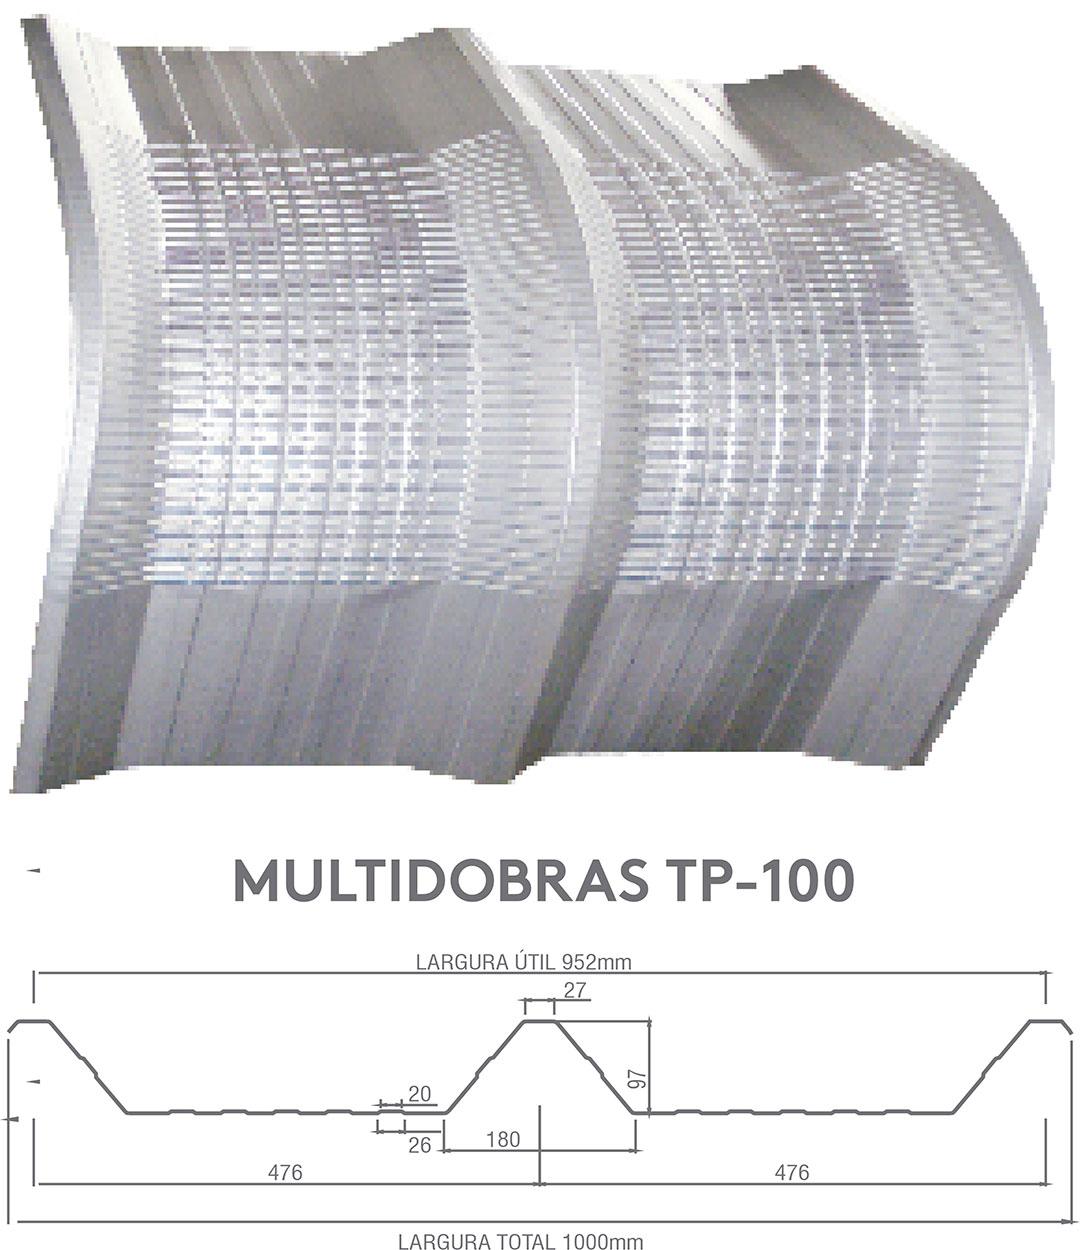 multidobras-tp-100-mobile.jpg